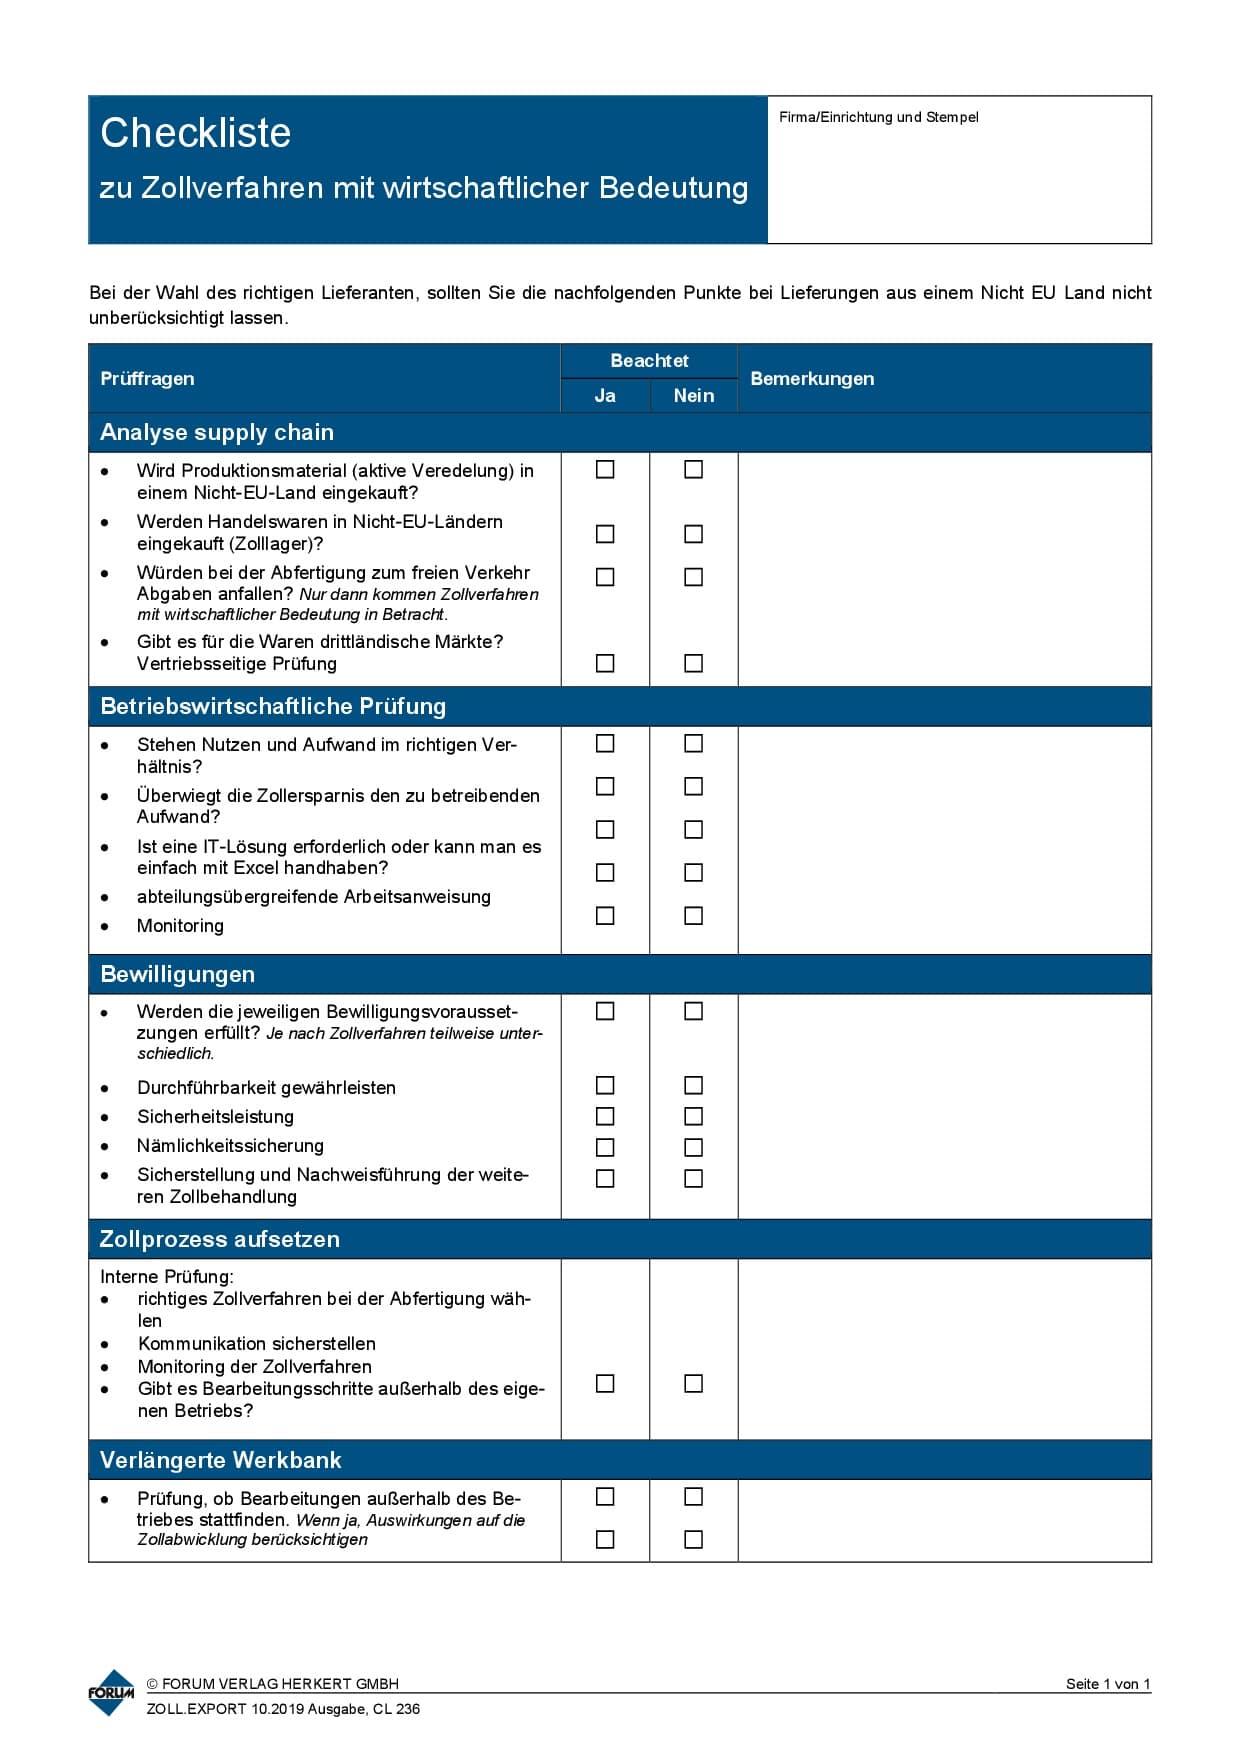 CL236 Zollverfahren Lieferantenauswahl 1019